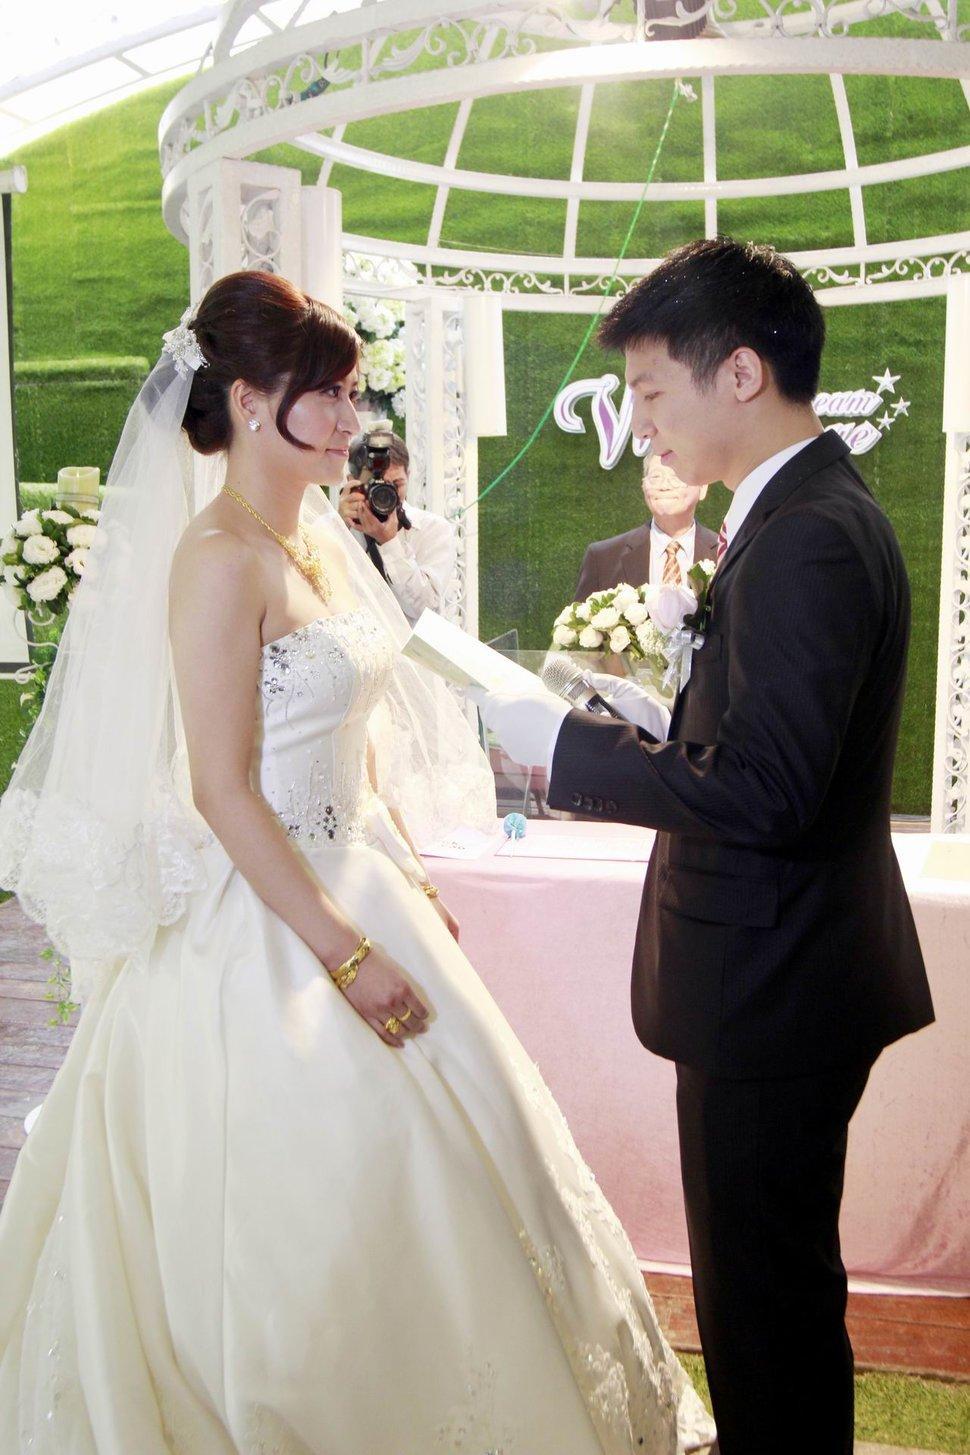 青青食尚花園會館婚禮記錄結婚迎娶婚禮記錄動態微電影錄影專業錄影平面攝影婚紗攝攝影婚禮主持人(編號:196740) - 蜜月拍照10800錄影12800攝影團隊 - 結婚吧